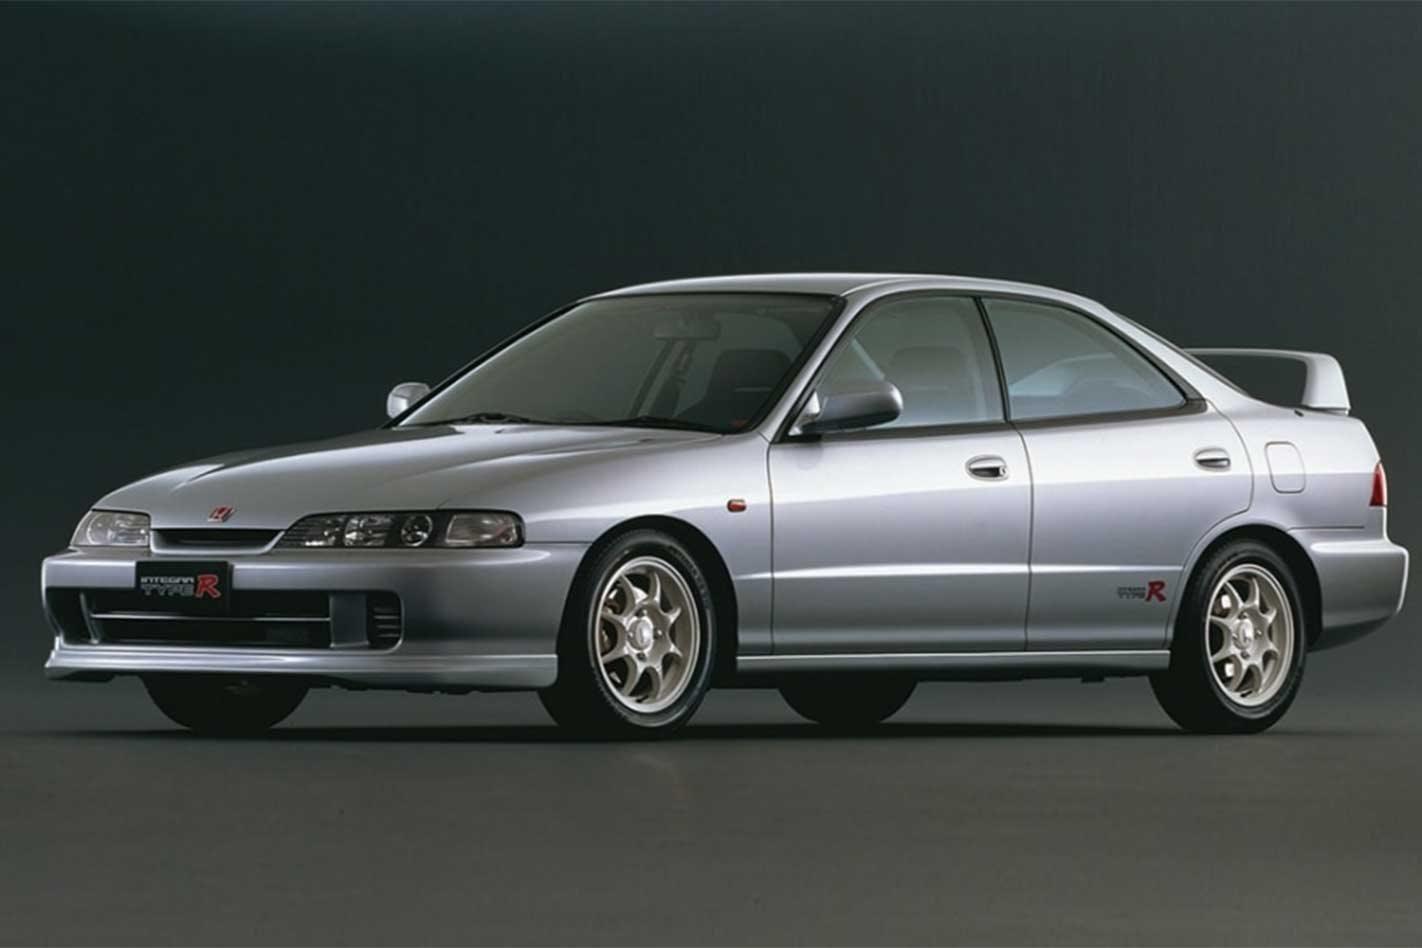 Honda Integra Type R Db8 The 4 Door We Didn T Get